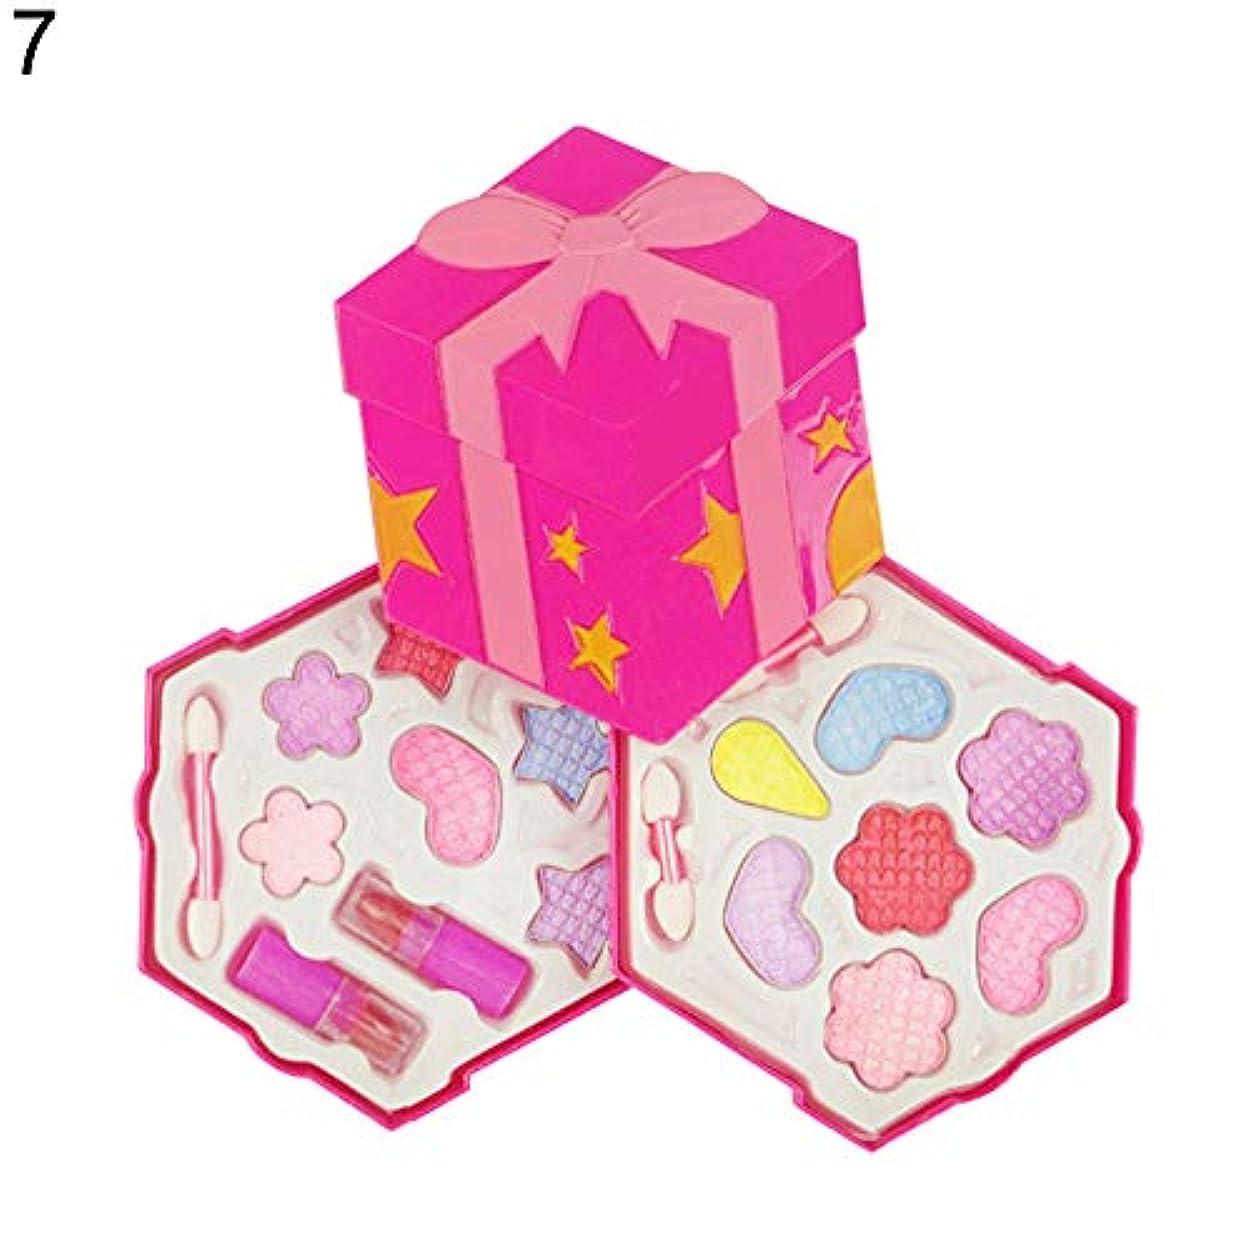 委員会隠す親愛な花蝶ふりプレイメイクセット女の子シミュレーション非毒性化粧品 - 7